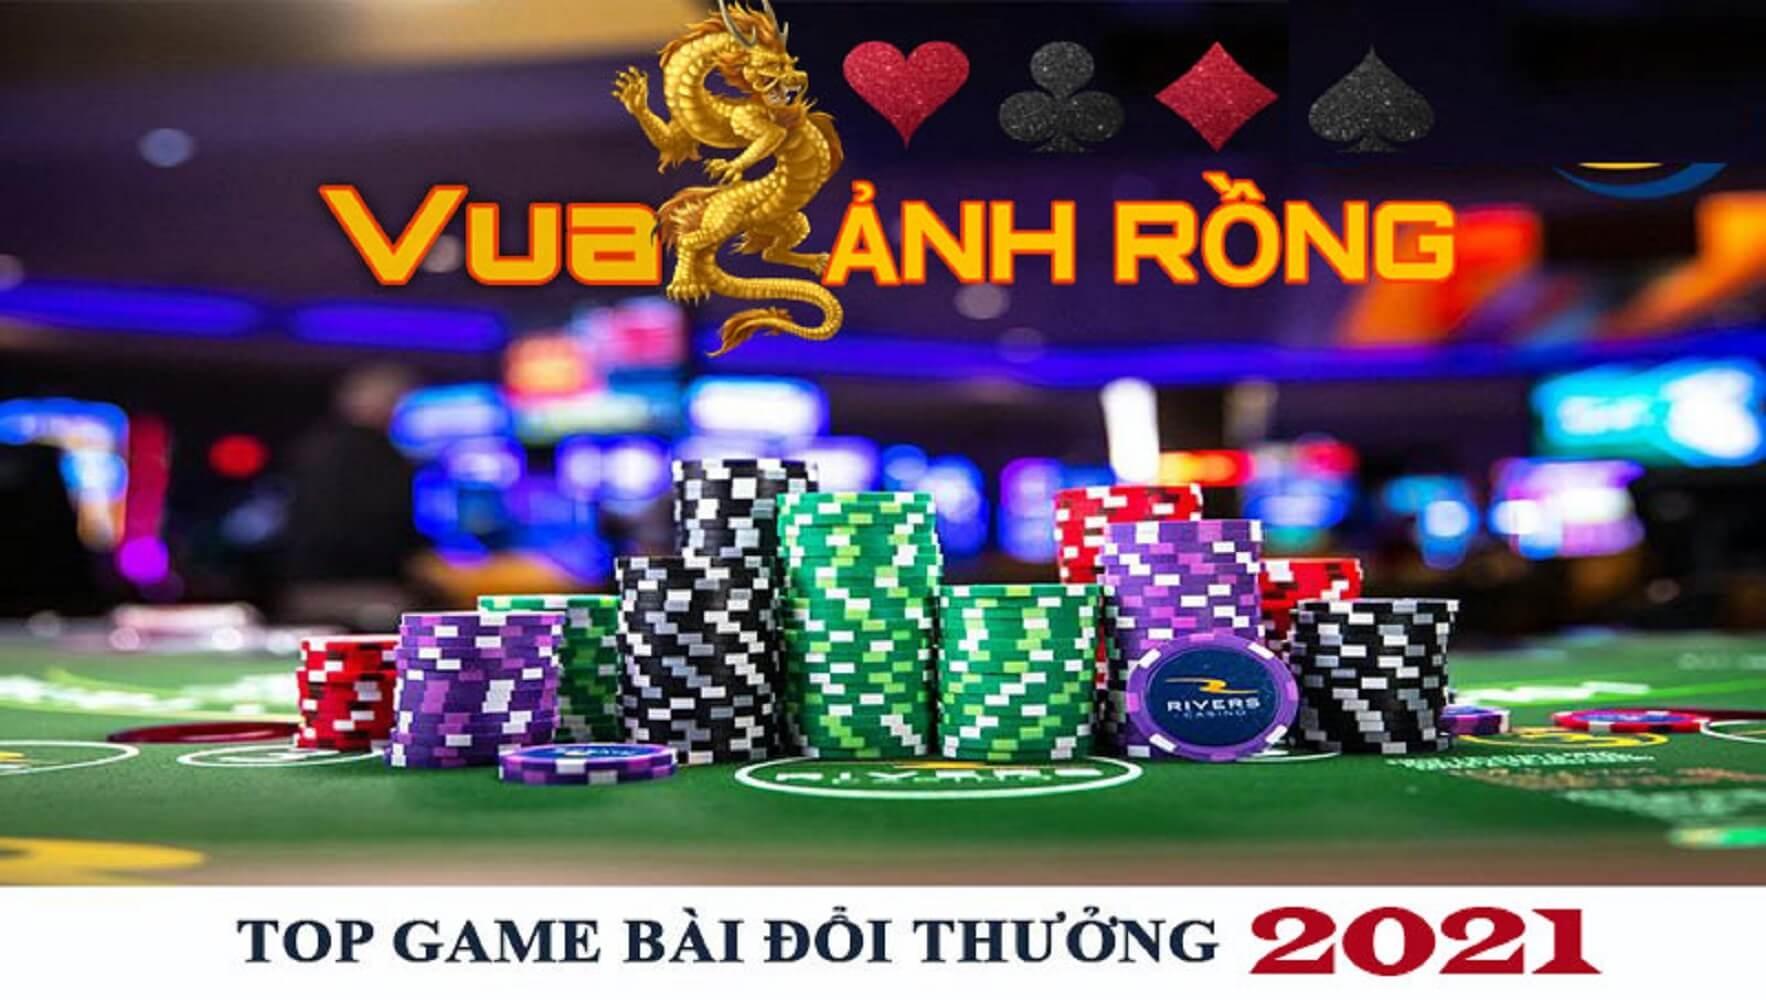 Vua sảnh rồng Top Game bài đổi thưởng (@vuasanhrongcom) Cover Image